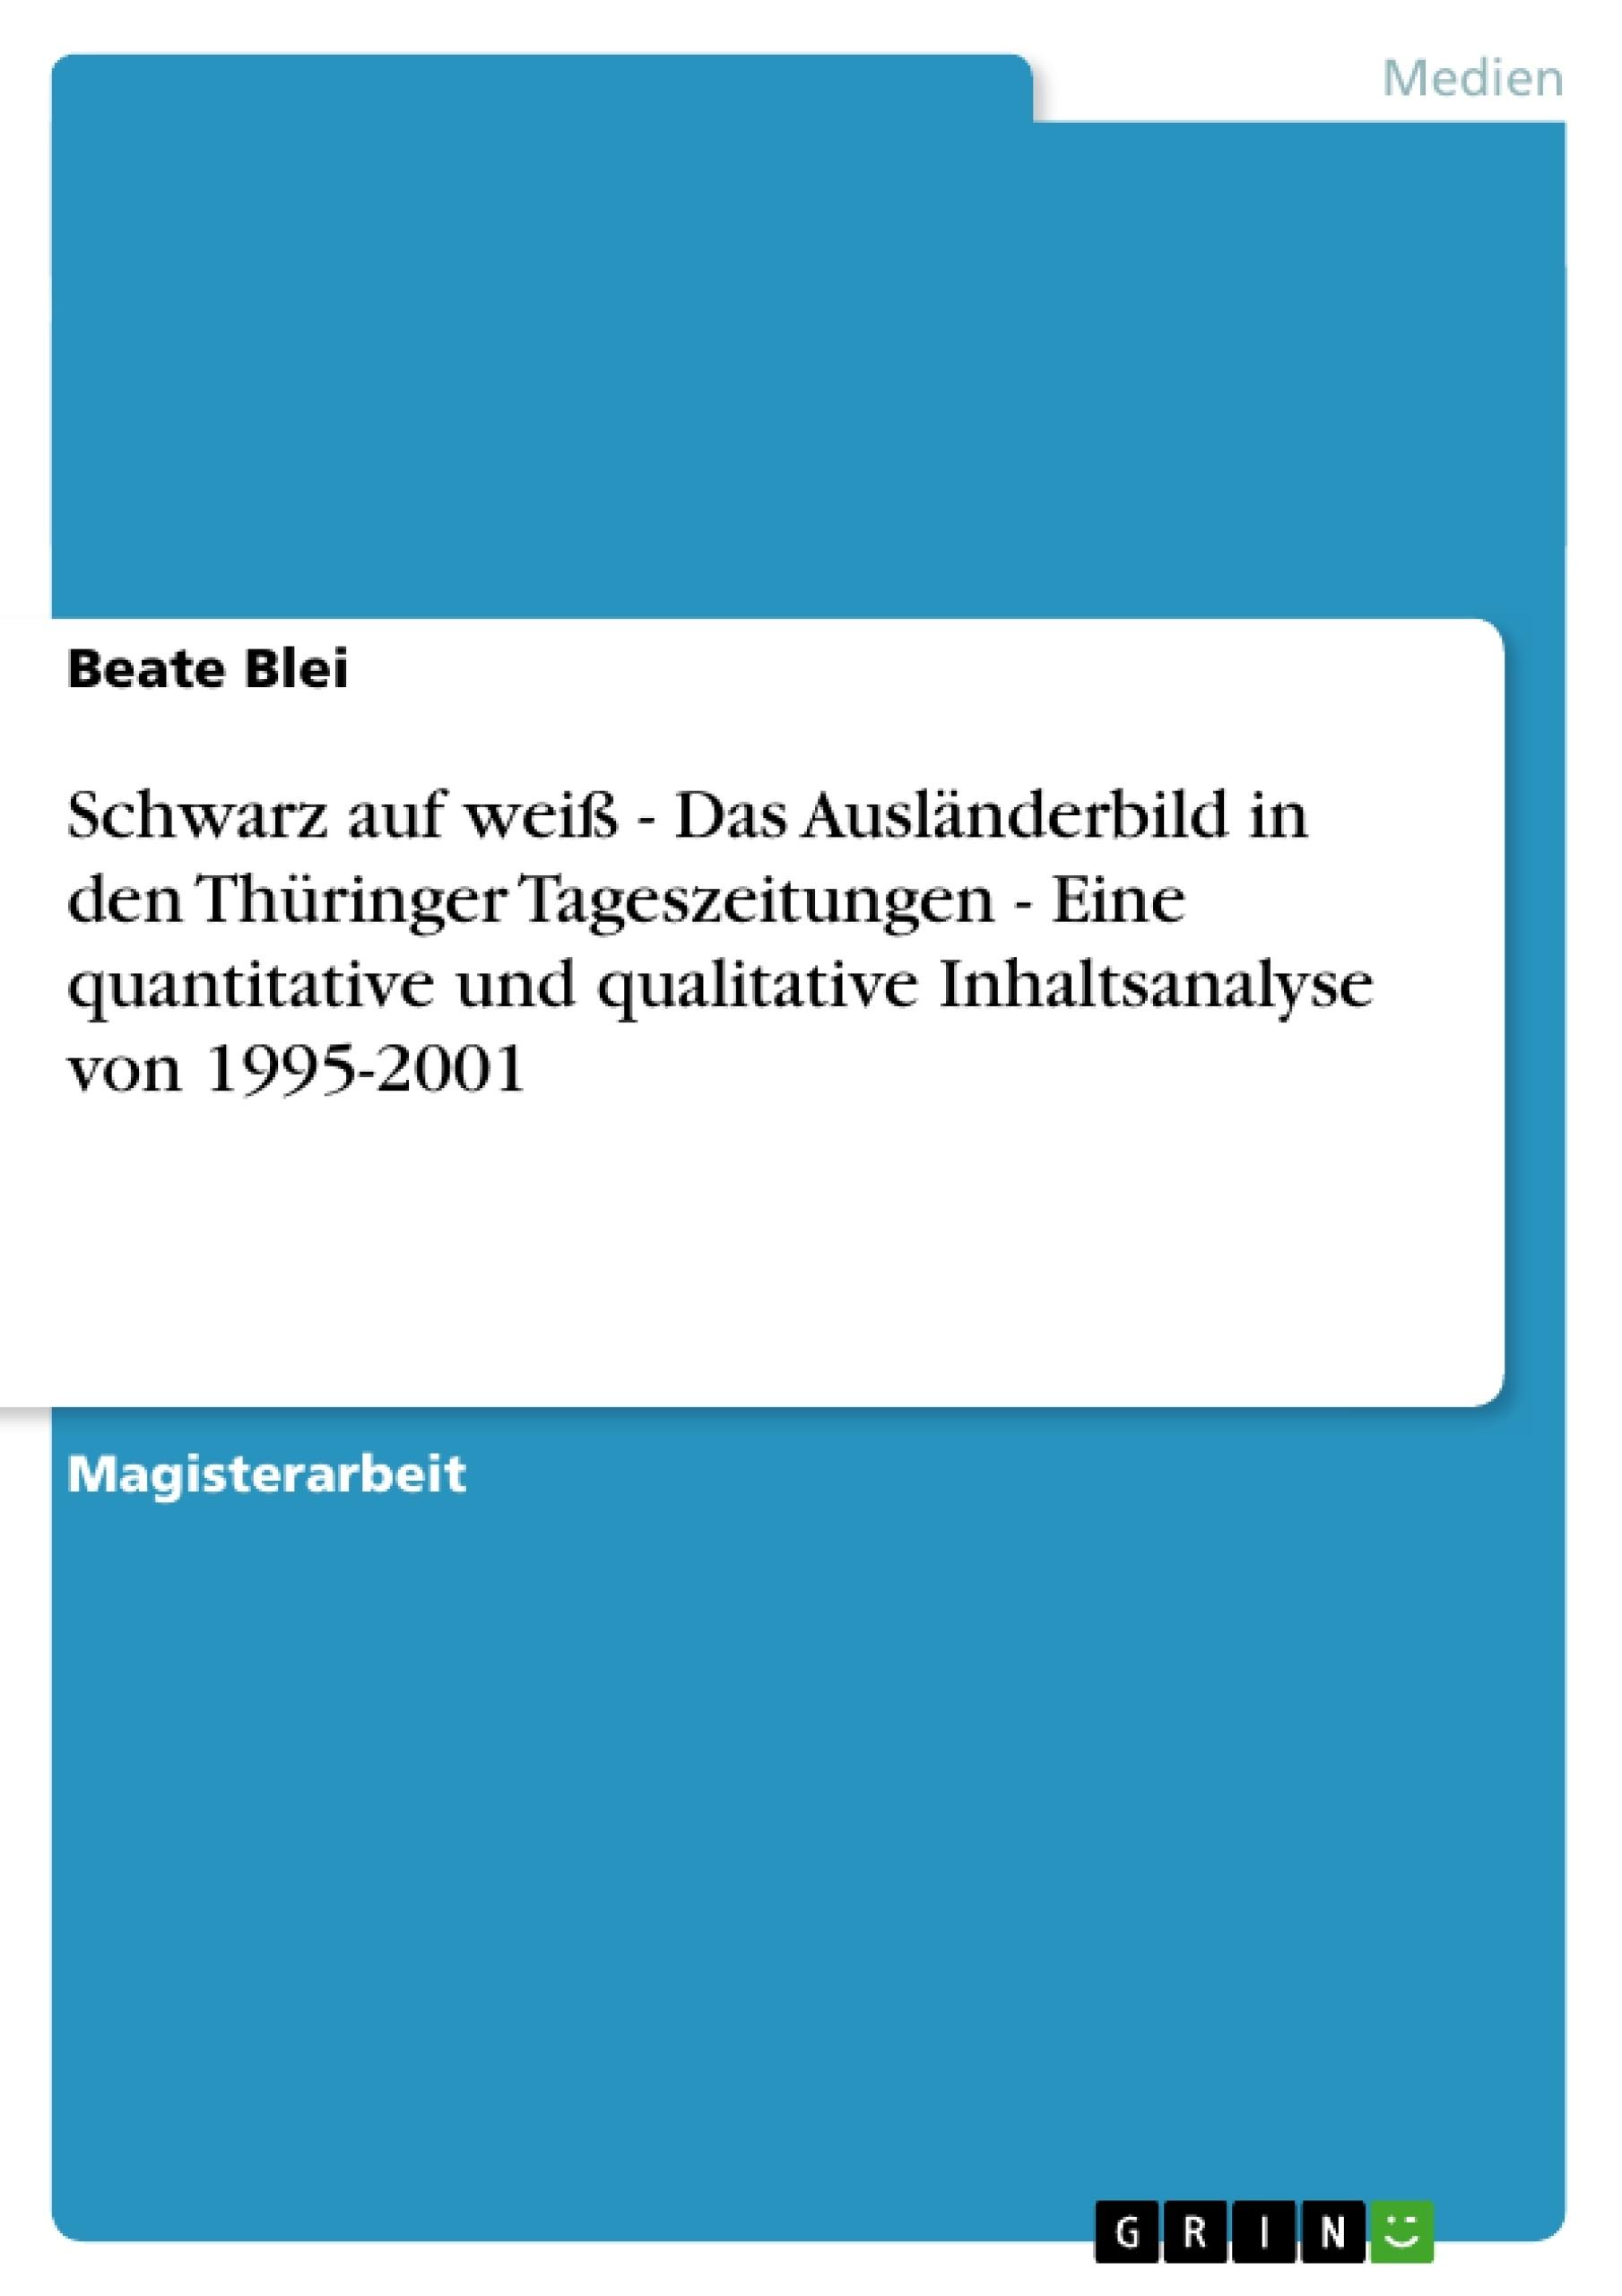 Titel: Schwarz auf weiß - Das Ausländerbild in den Thüringer Tageszeitungen - Eine quantitative und qualitative Inhaltsanalyse von 1995-2001